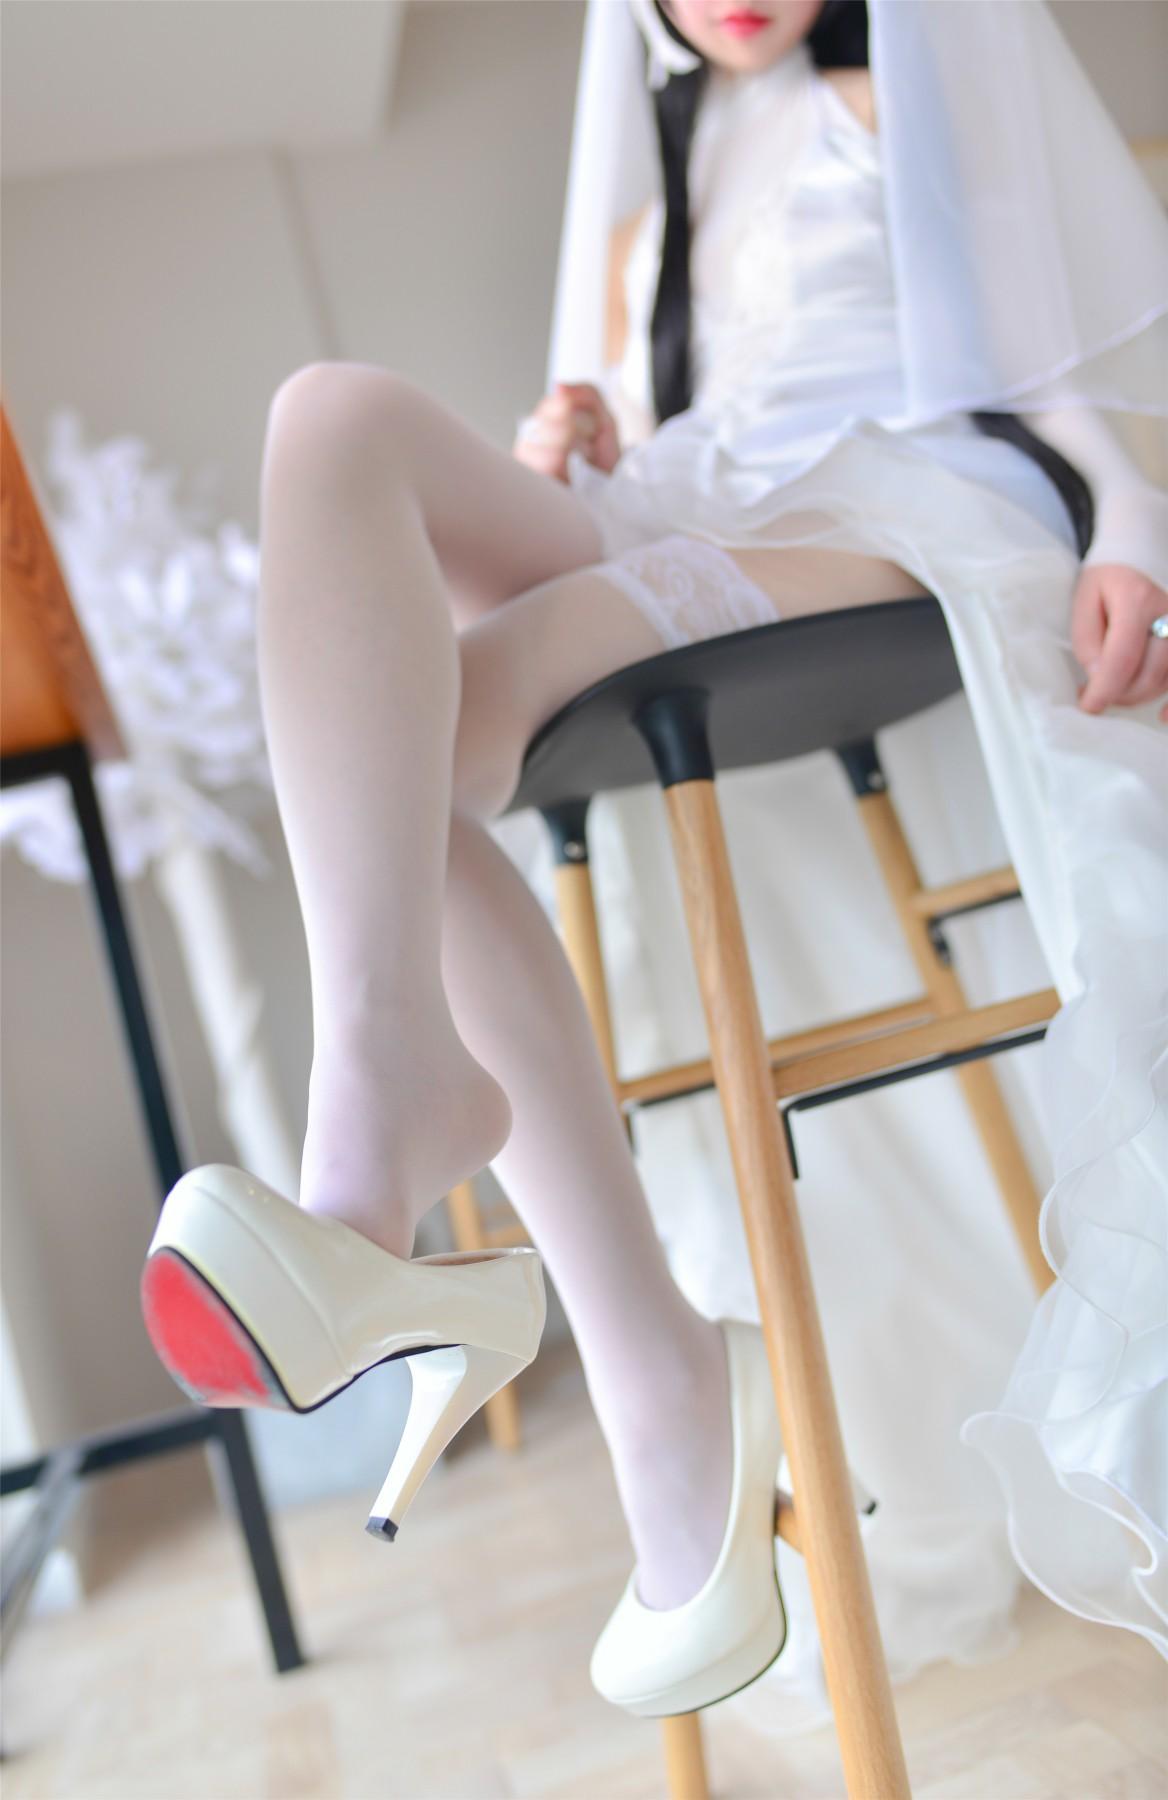 Cos小姐姐雪琪 爱宕高跟美腿与婚纱[38P] 角色扮演 第2张